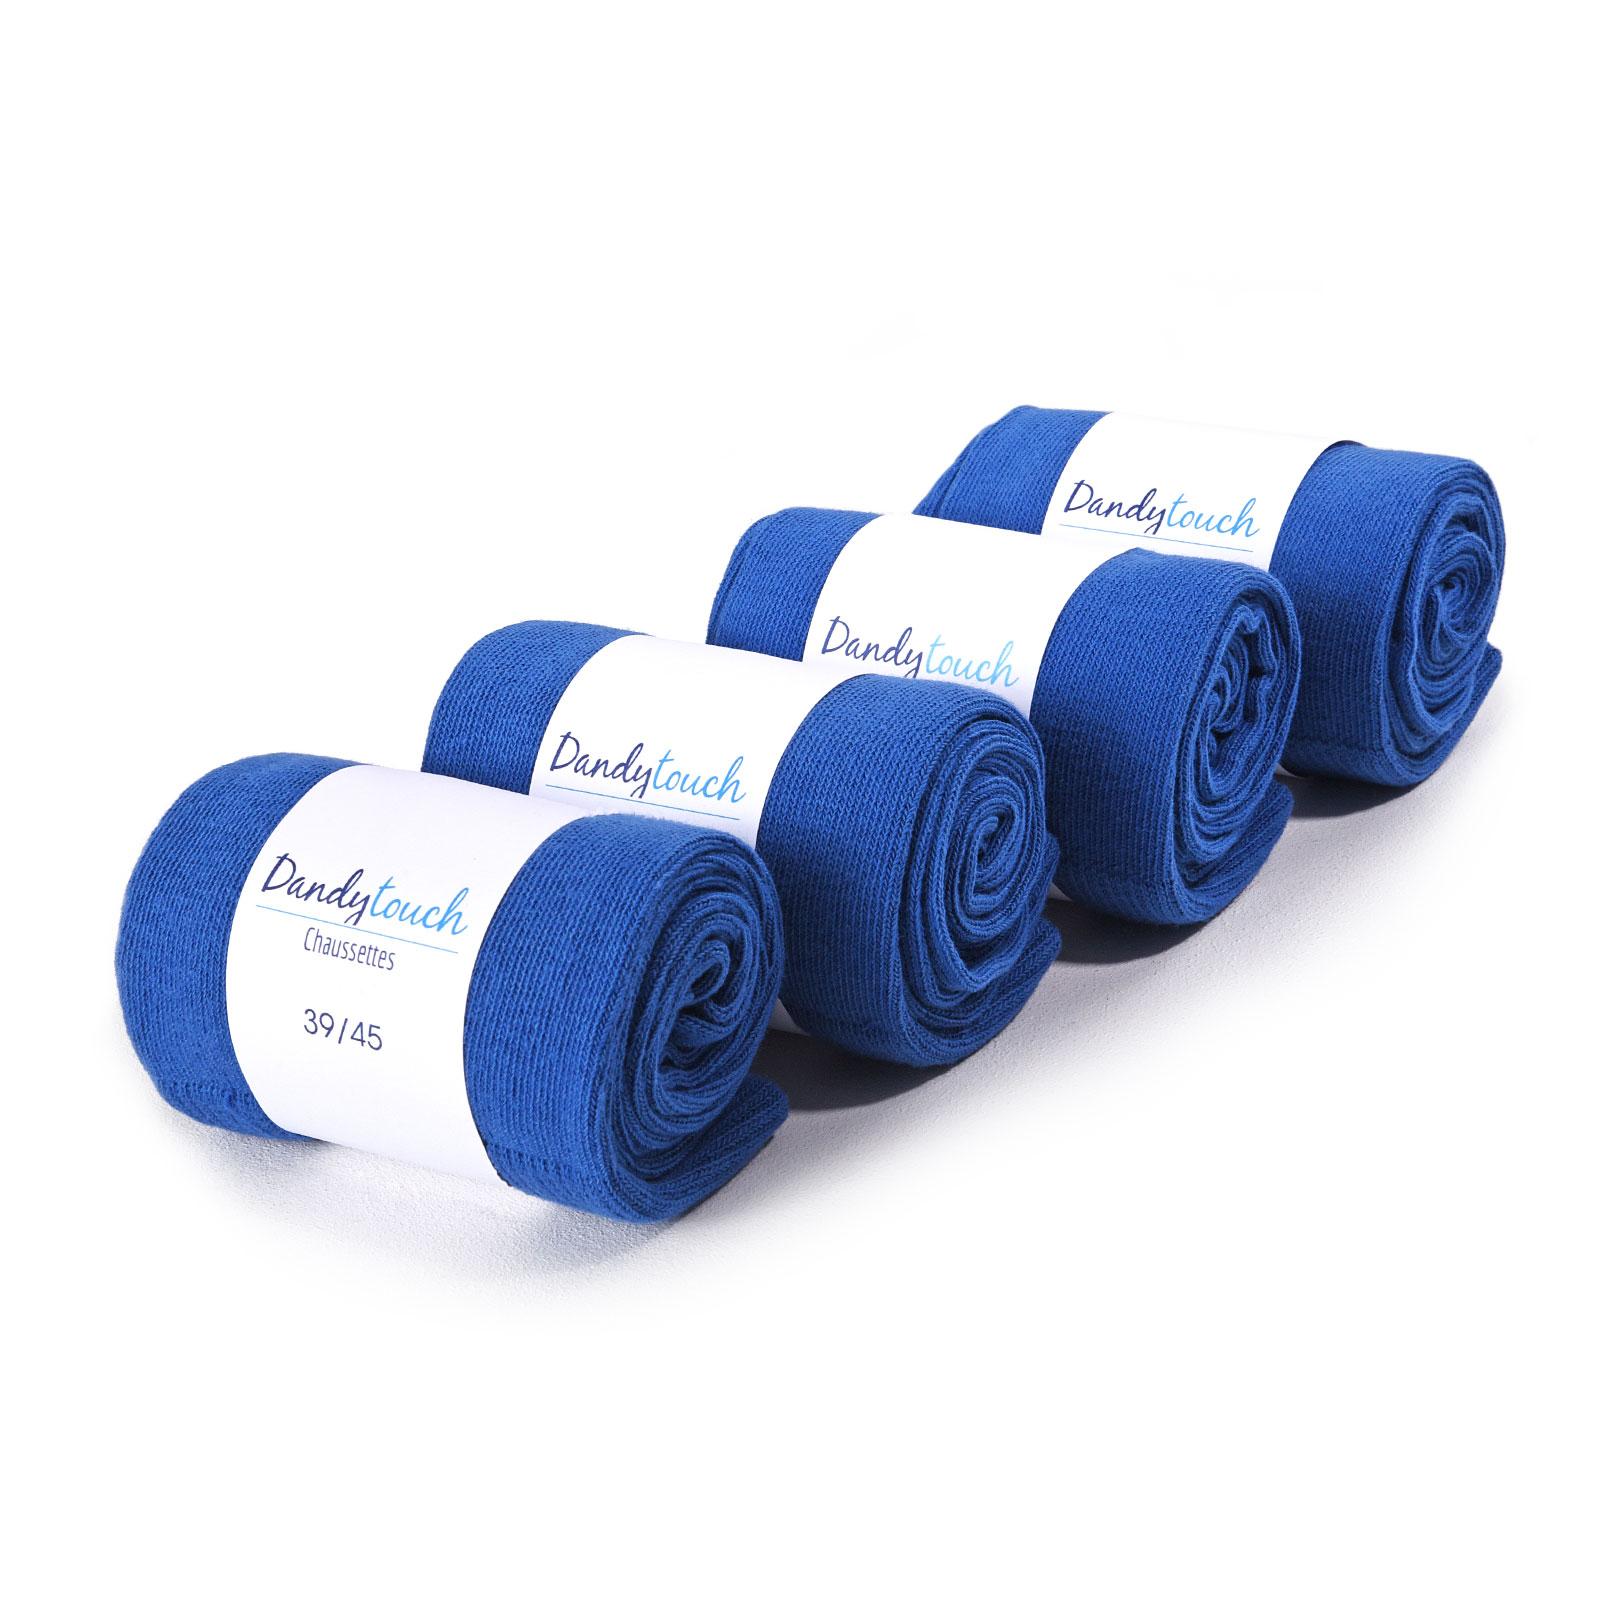 PK-00001-roi-F16-lot-4-paires-chaussettes-bleues